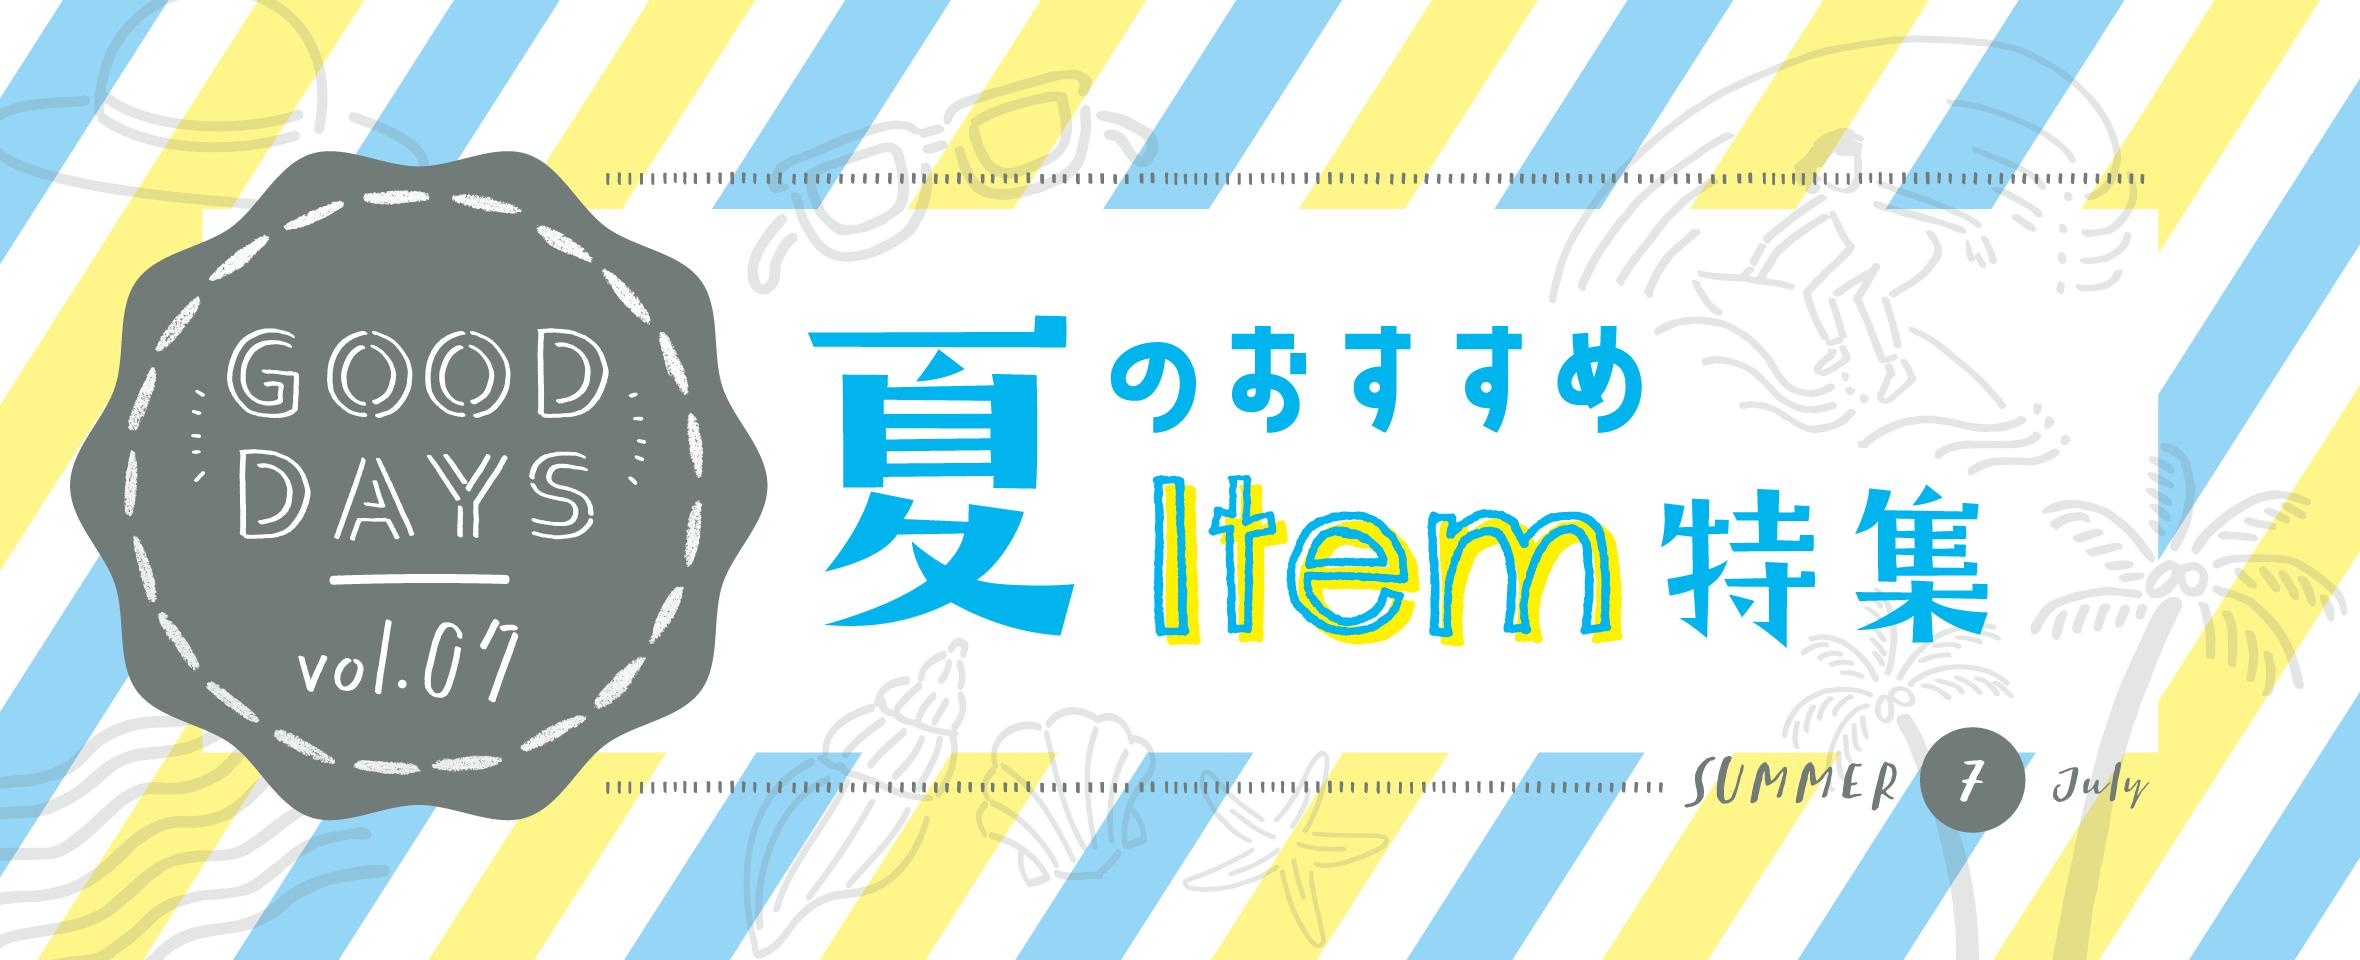 GOOD DAYS Vol.7 夏のおすすめ Item 特集